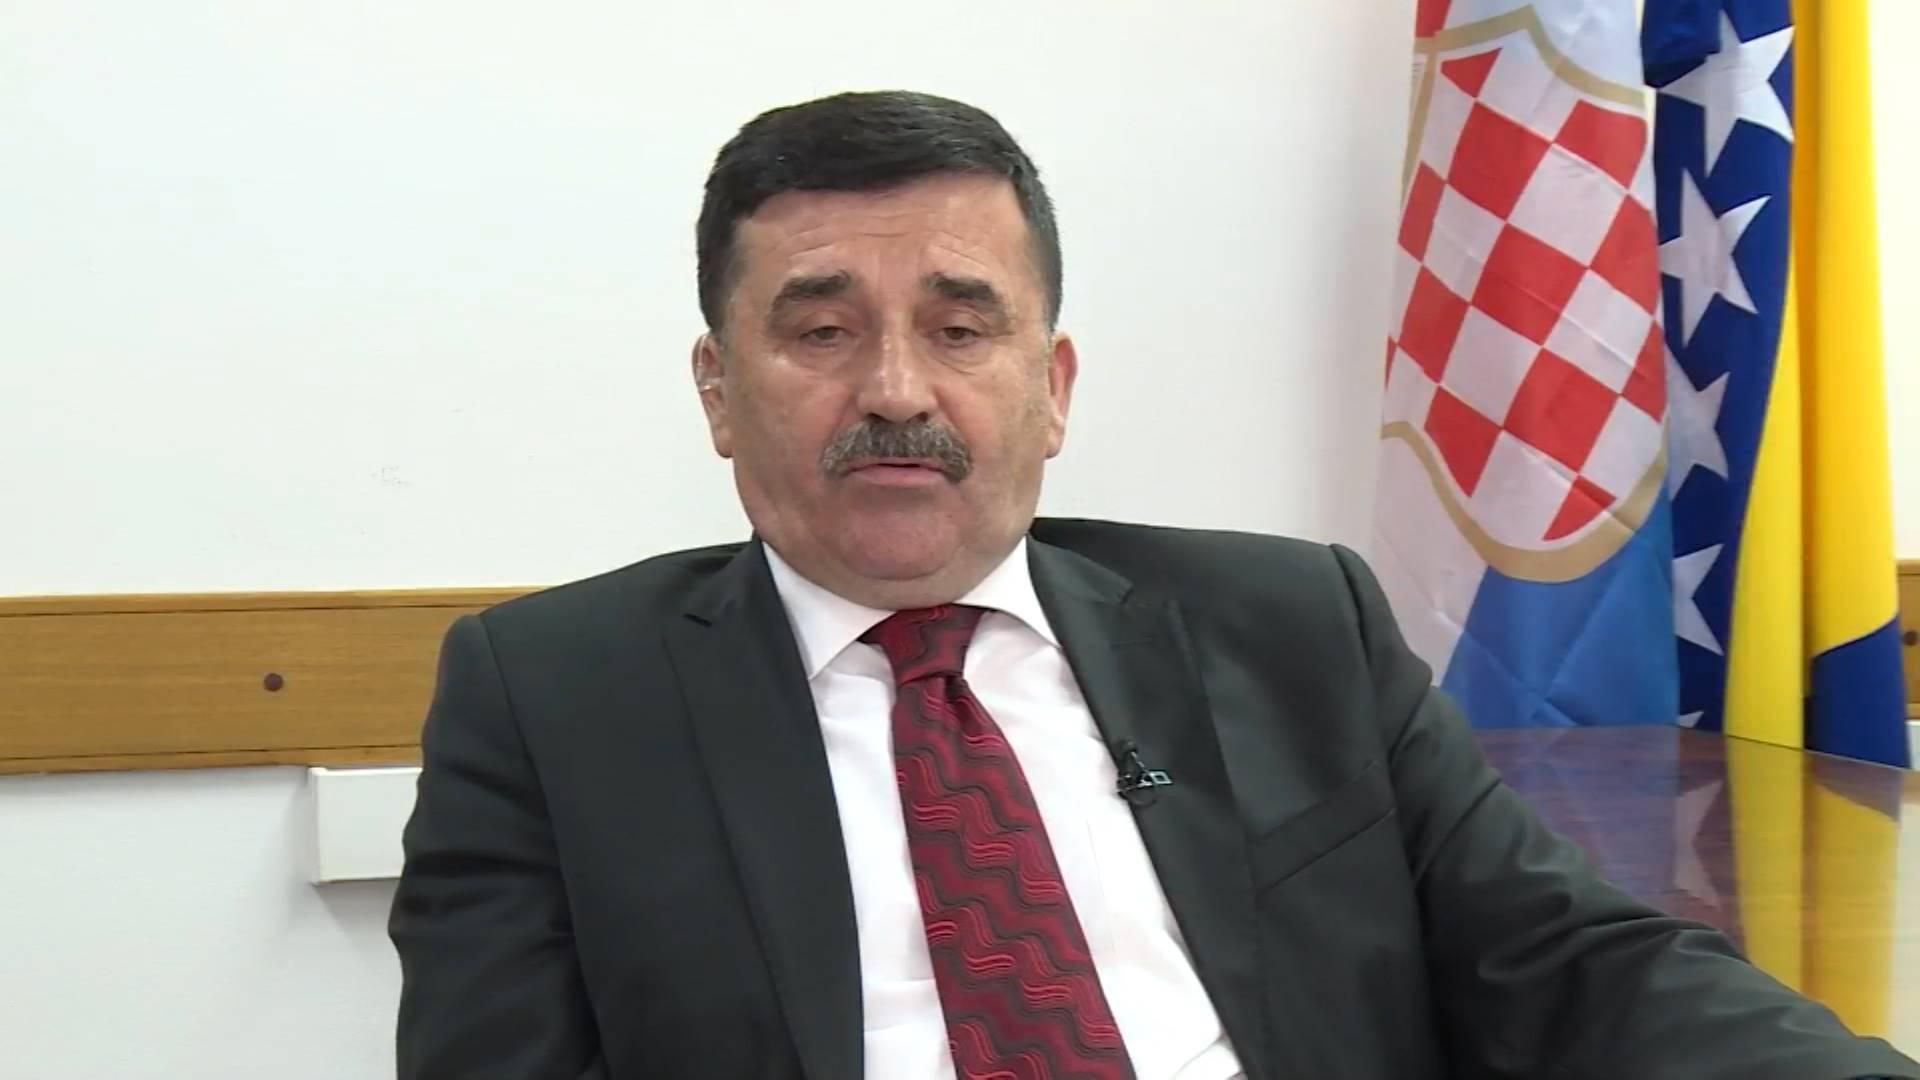 Teško nam je suzbiti smijeh nakon izjave gospodina Lovrinovića da HDZ BiH ne odstupa od svojih stavova